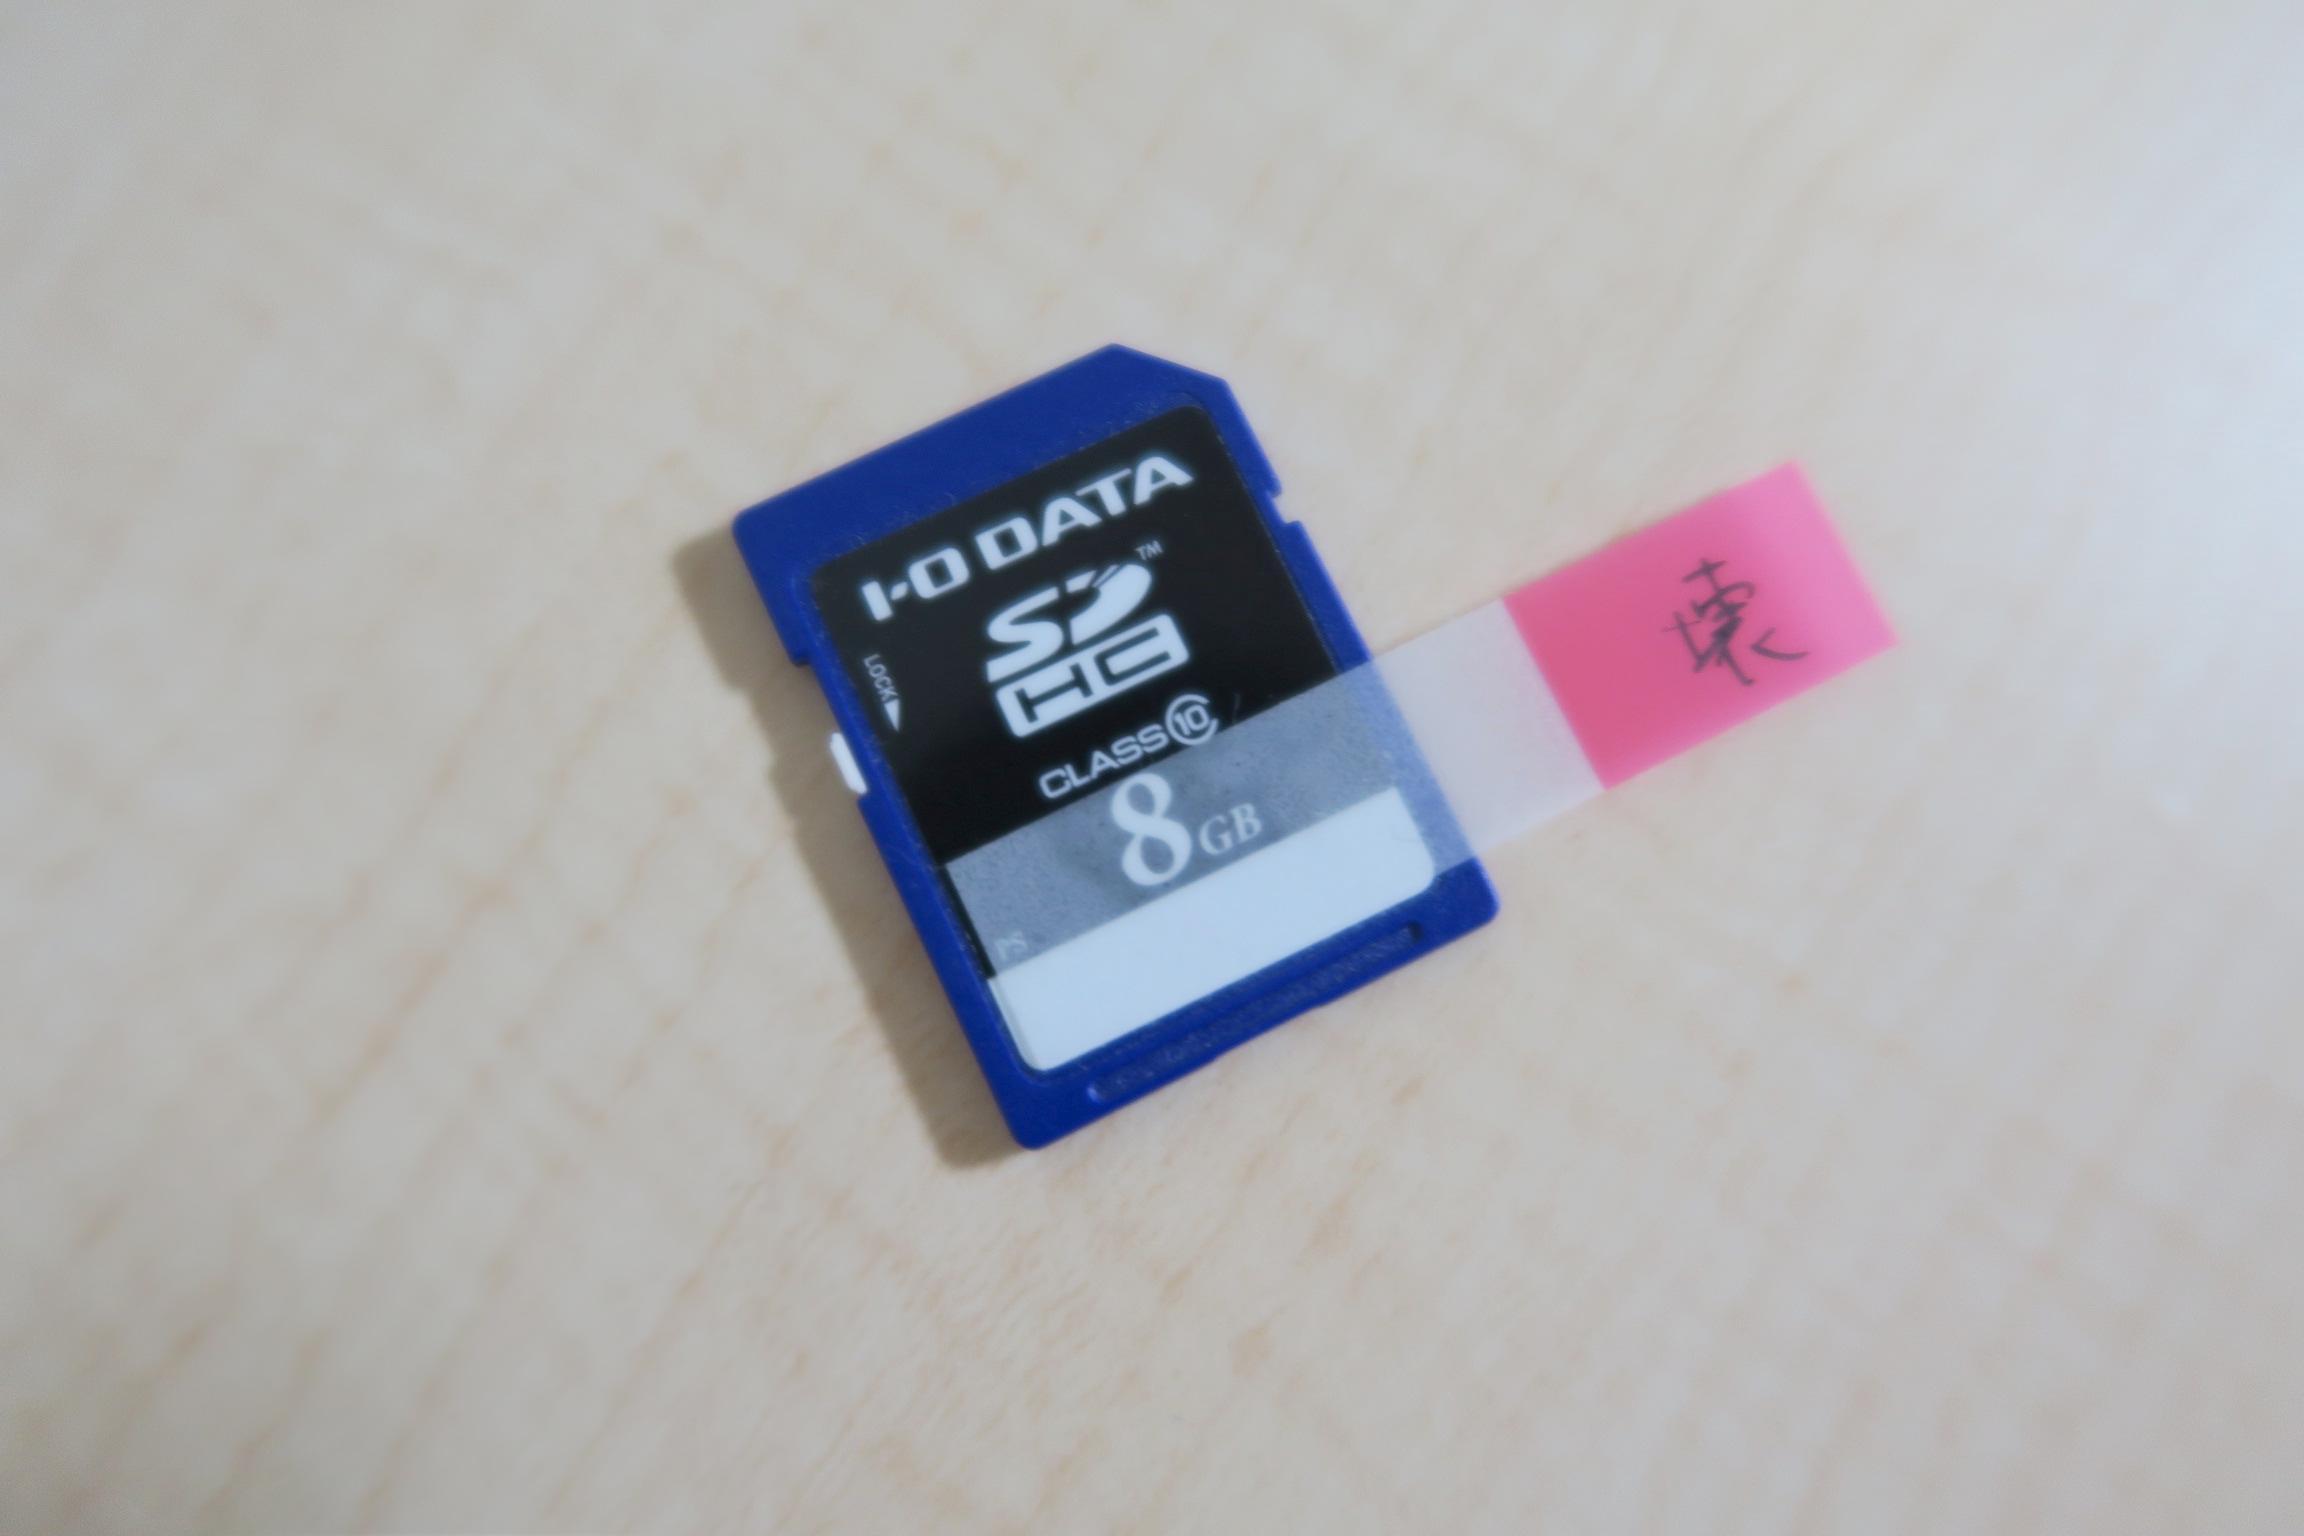 壊れたSDカード